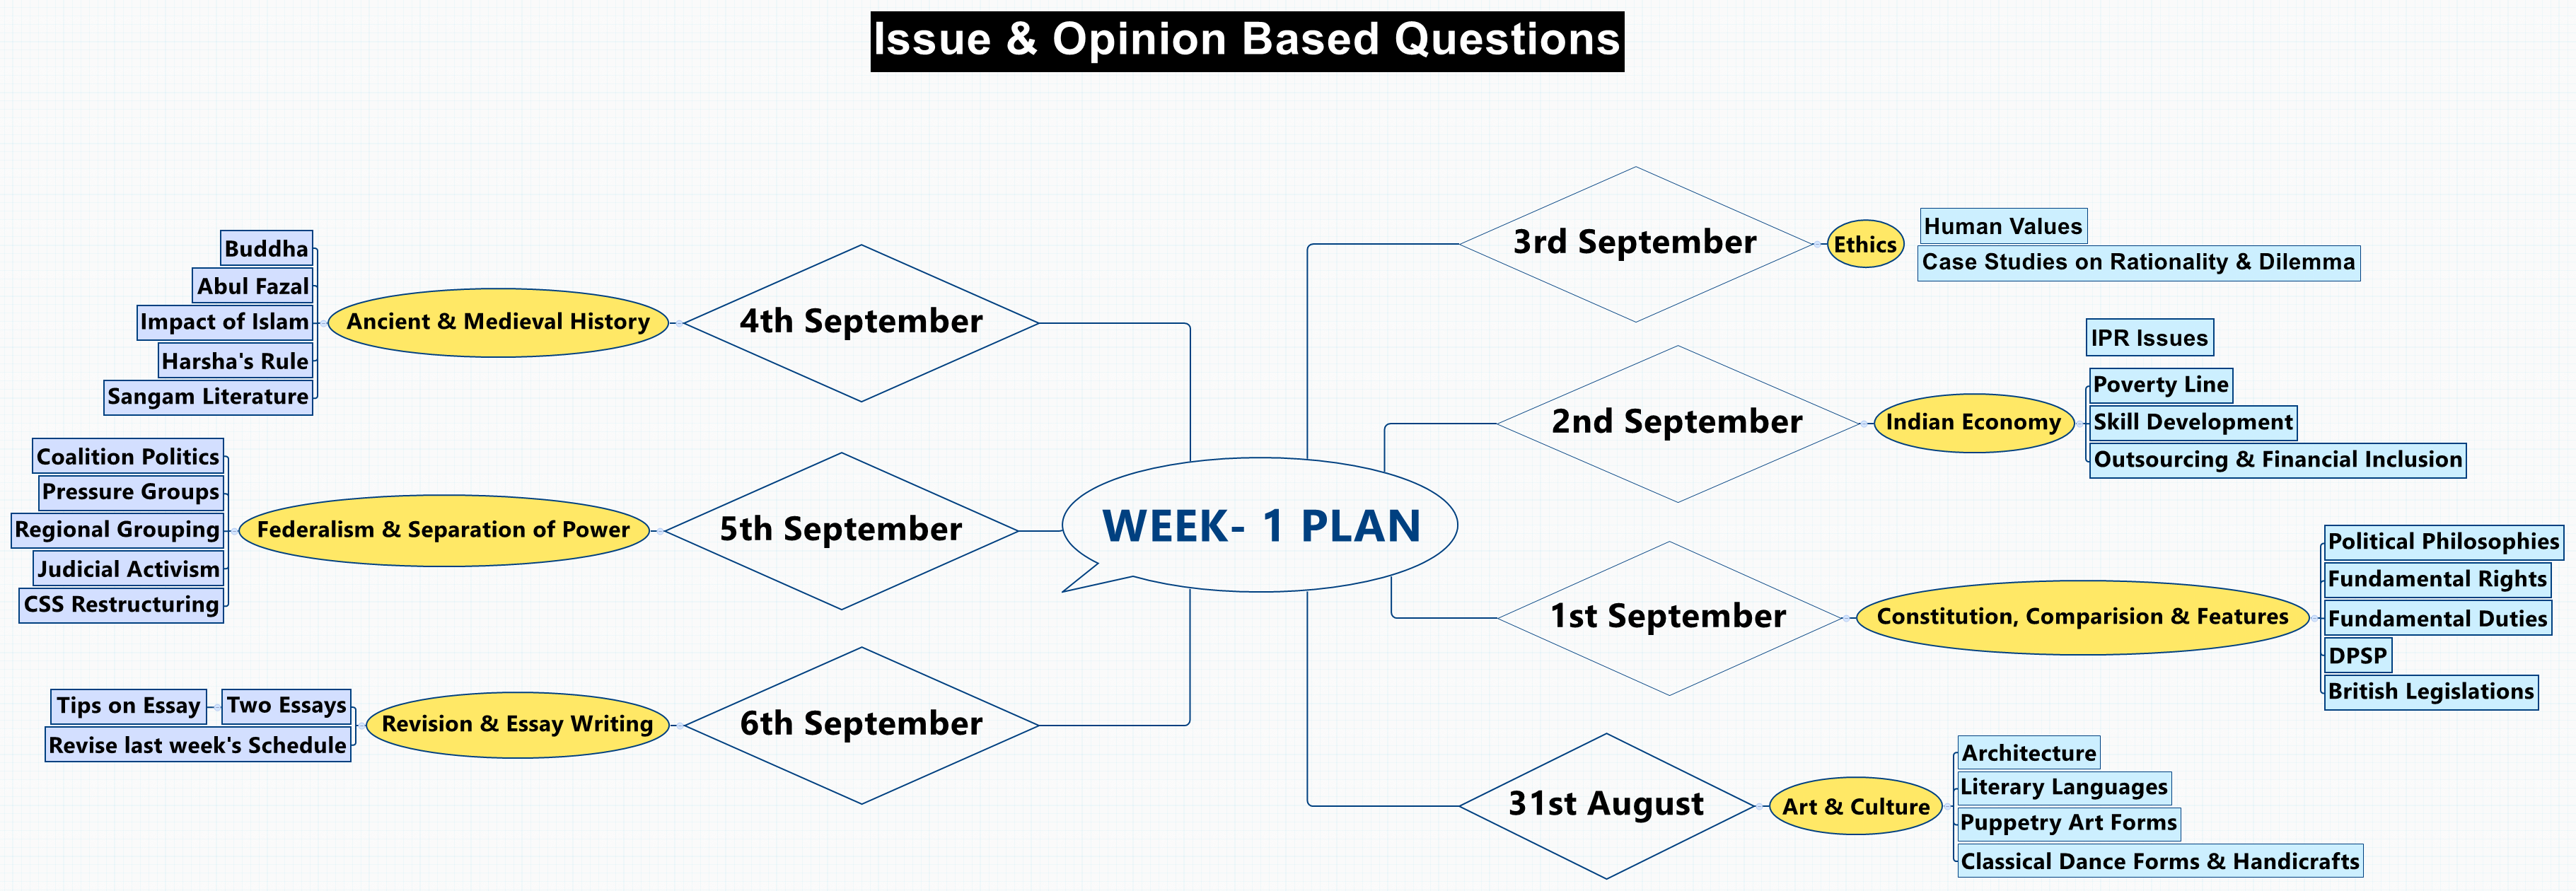 WEEK- 1 PLAN